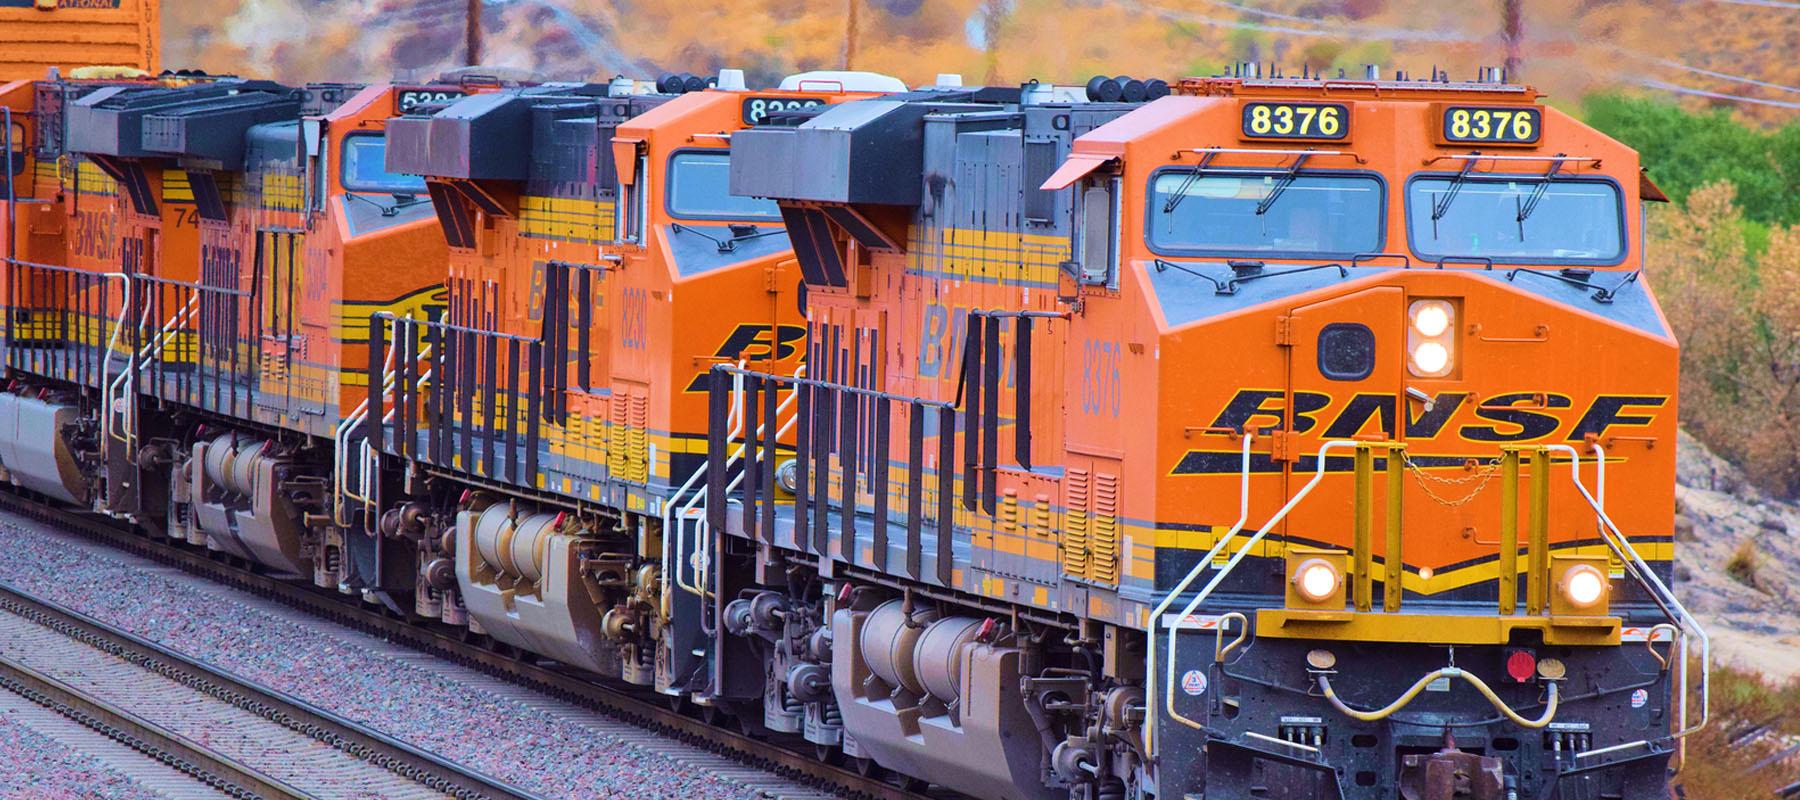 BNSF orange train